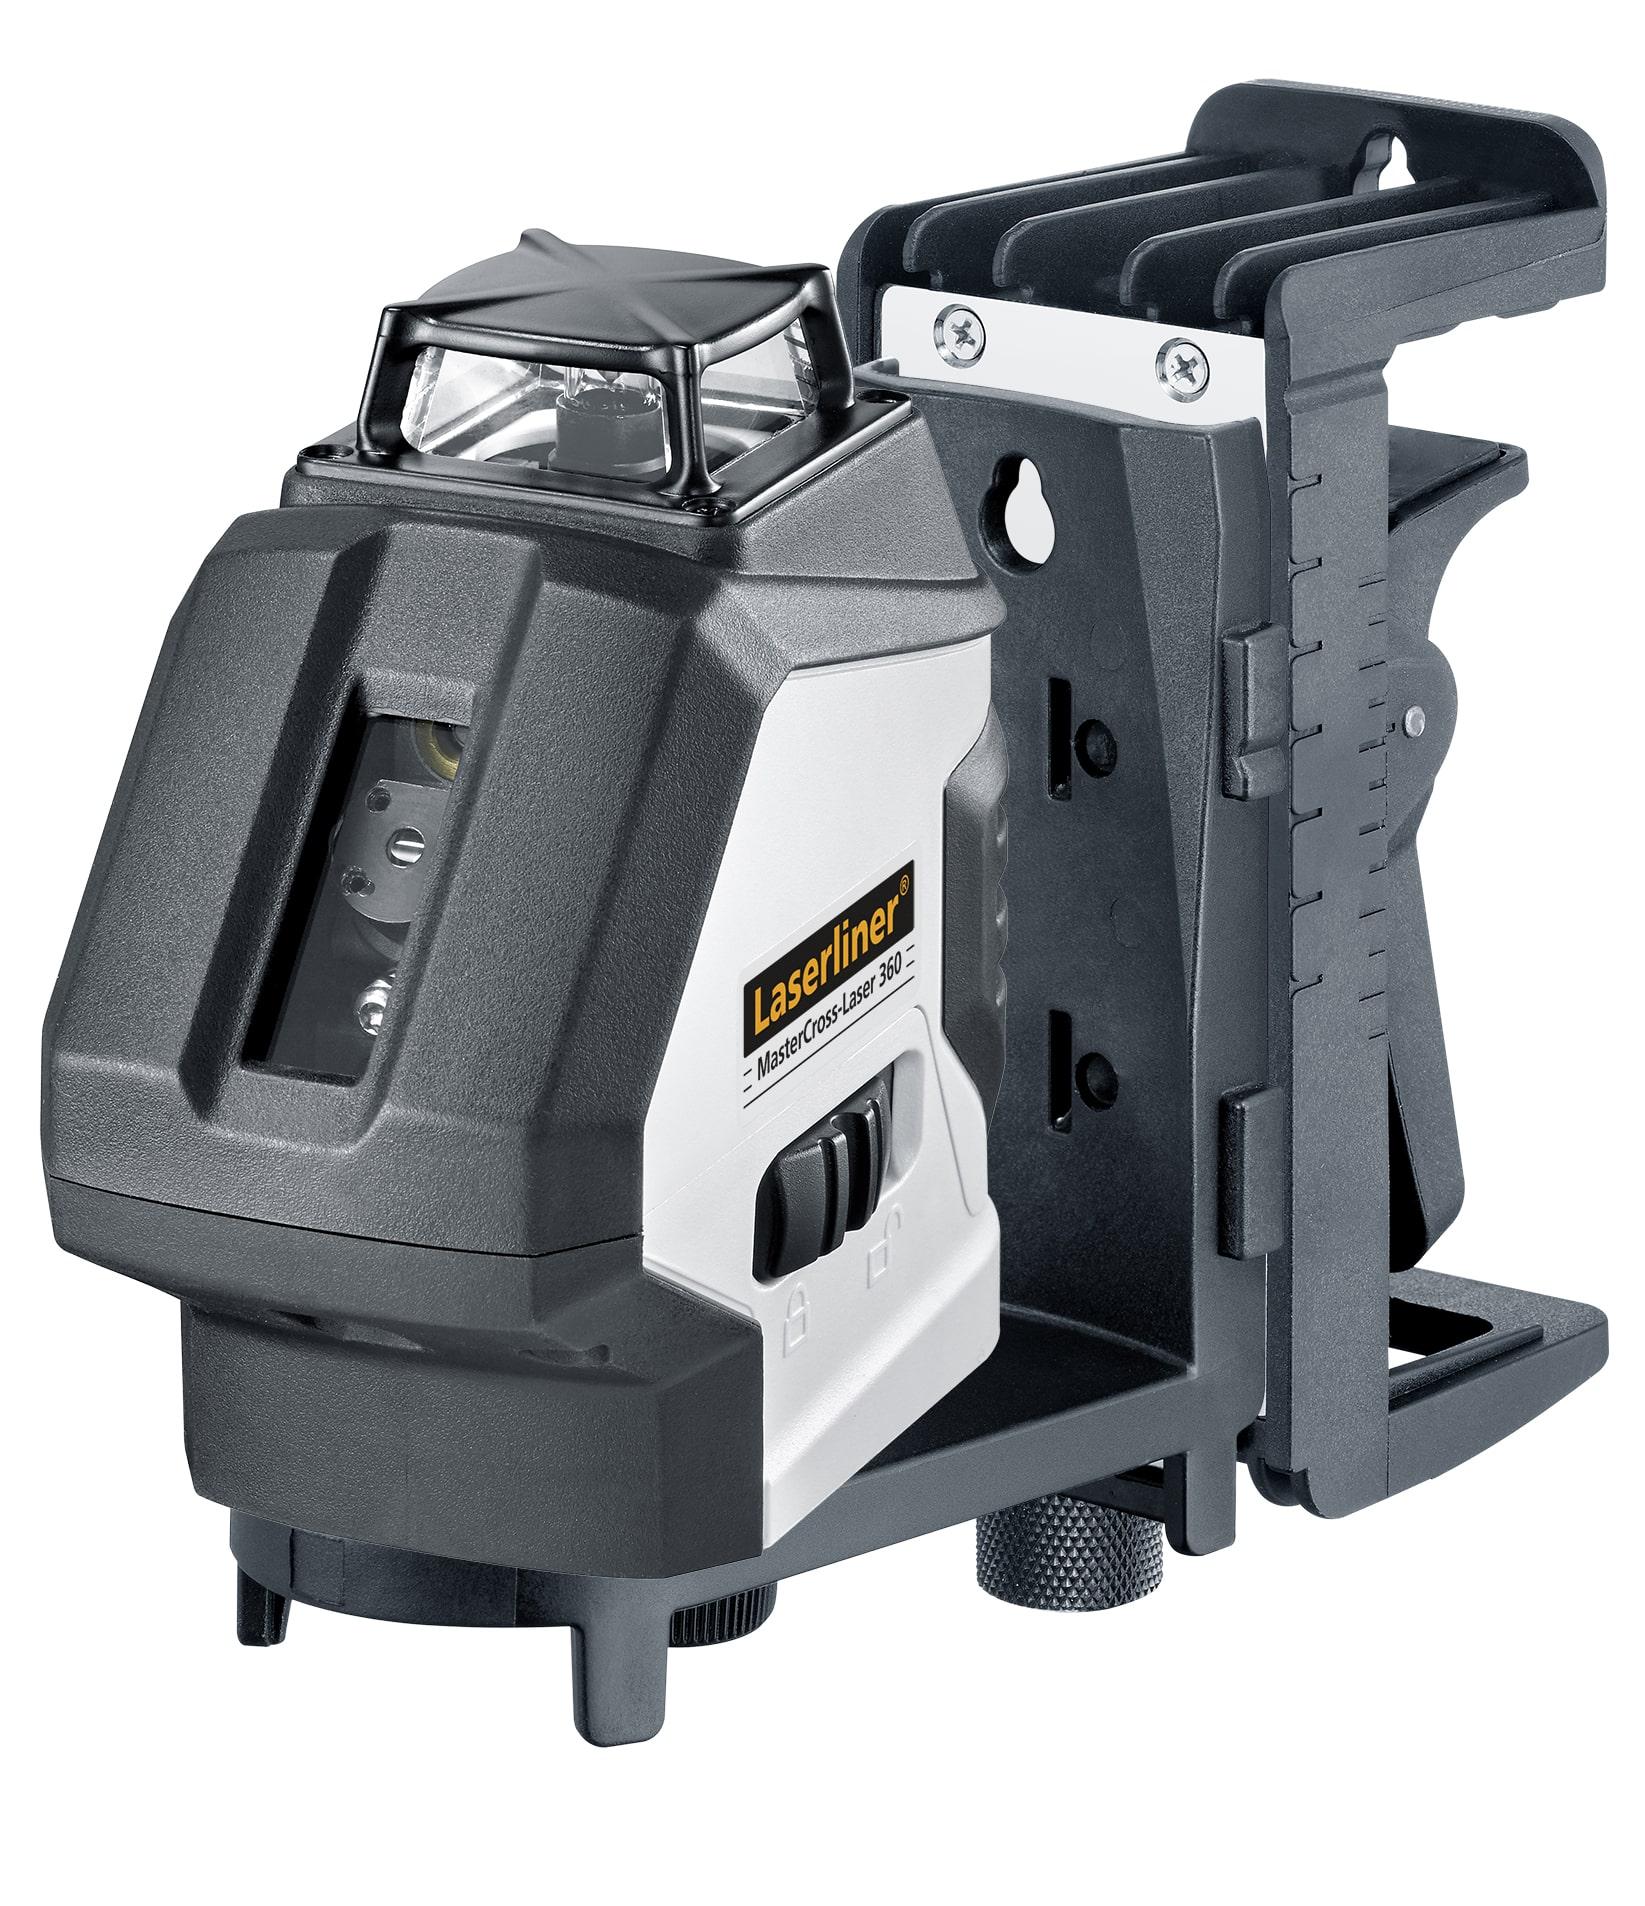 تراز لیزری 360 درجه لیزرلاینر مدل 031.380a